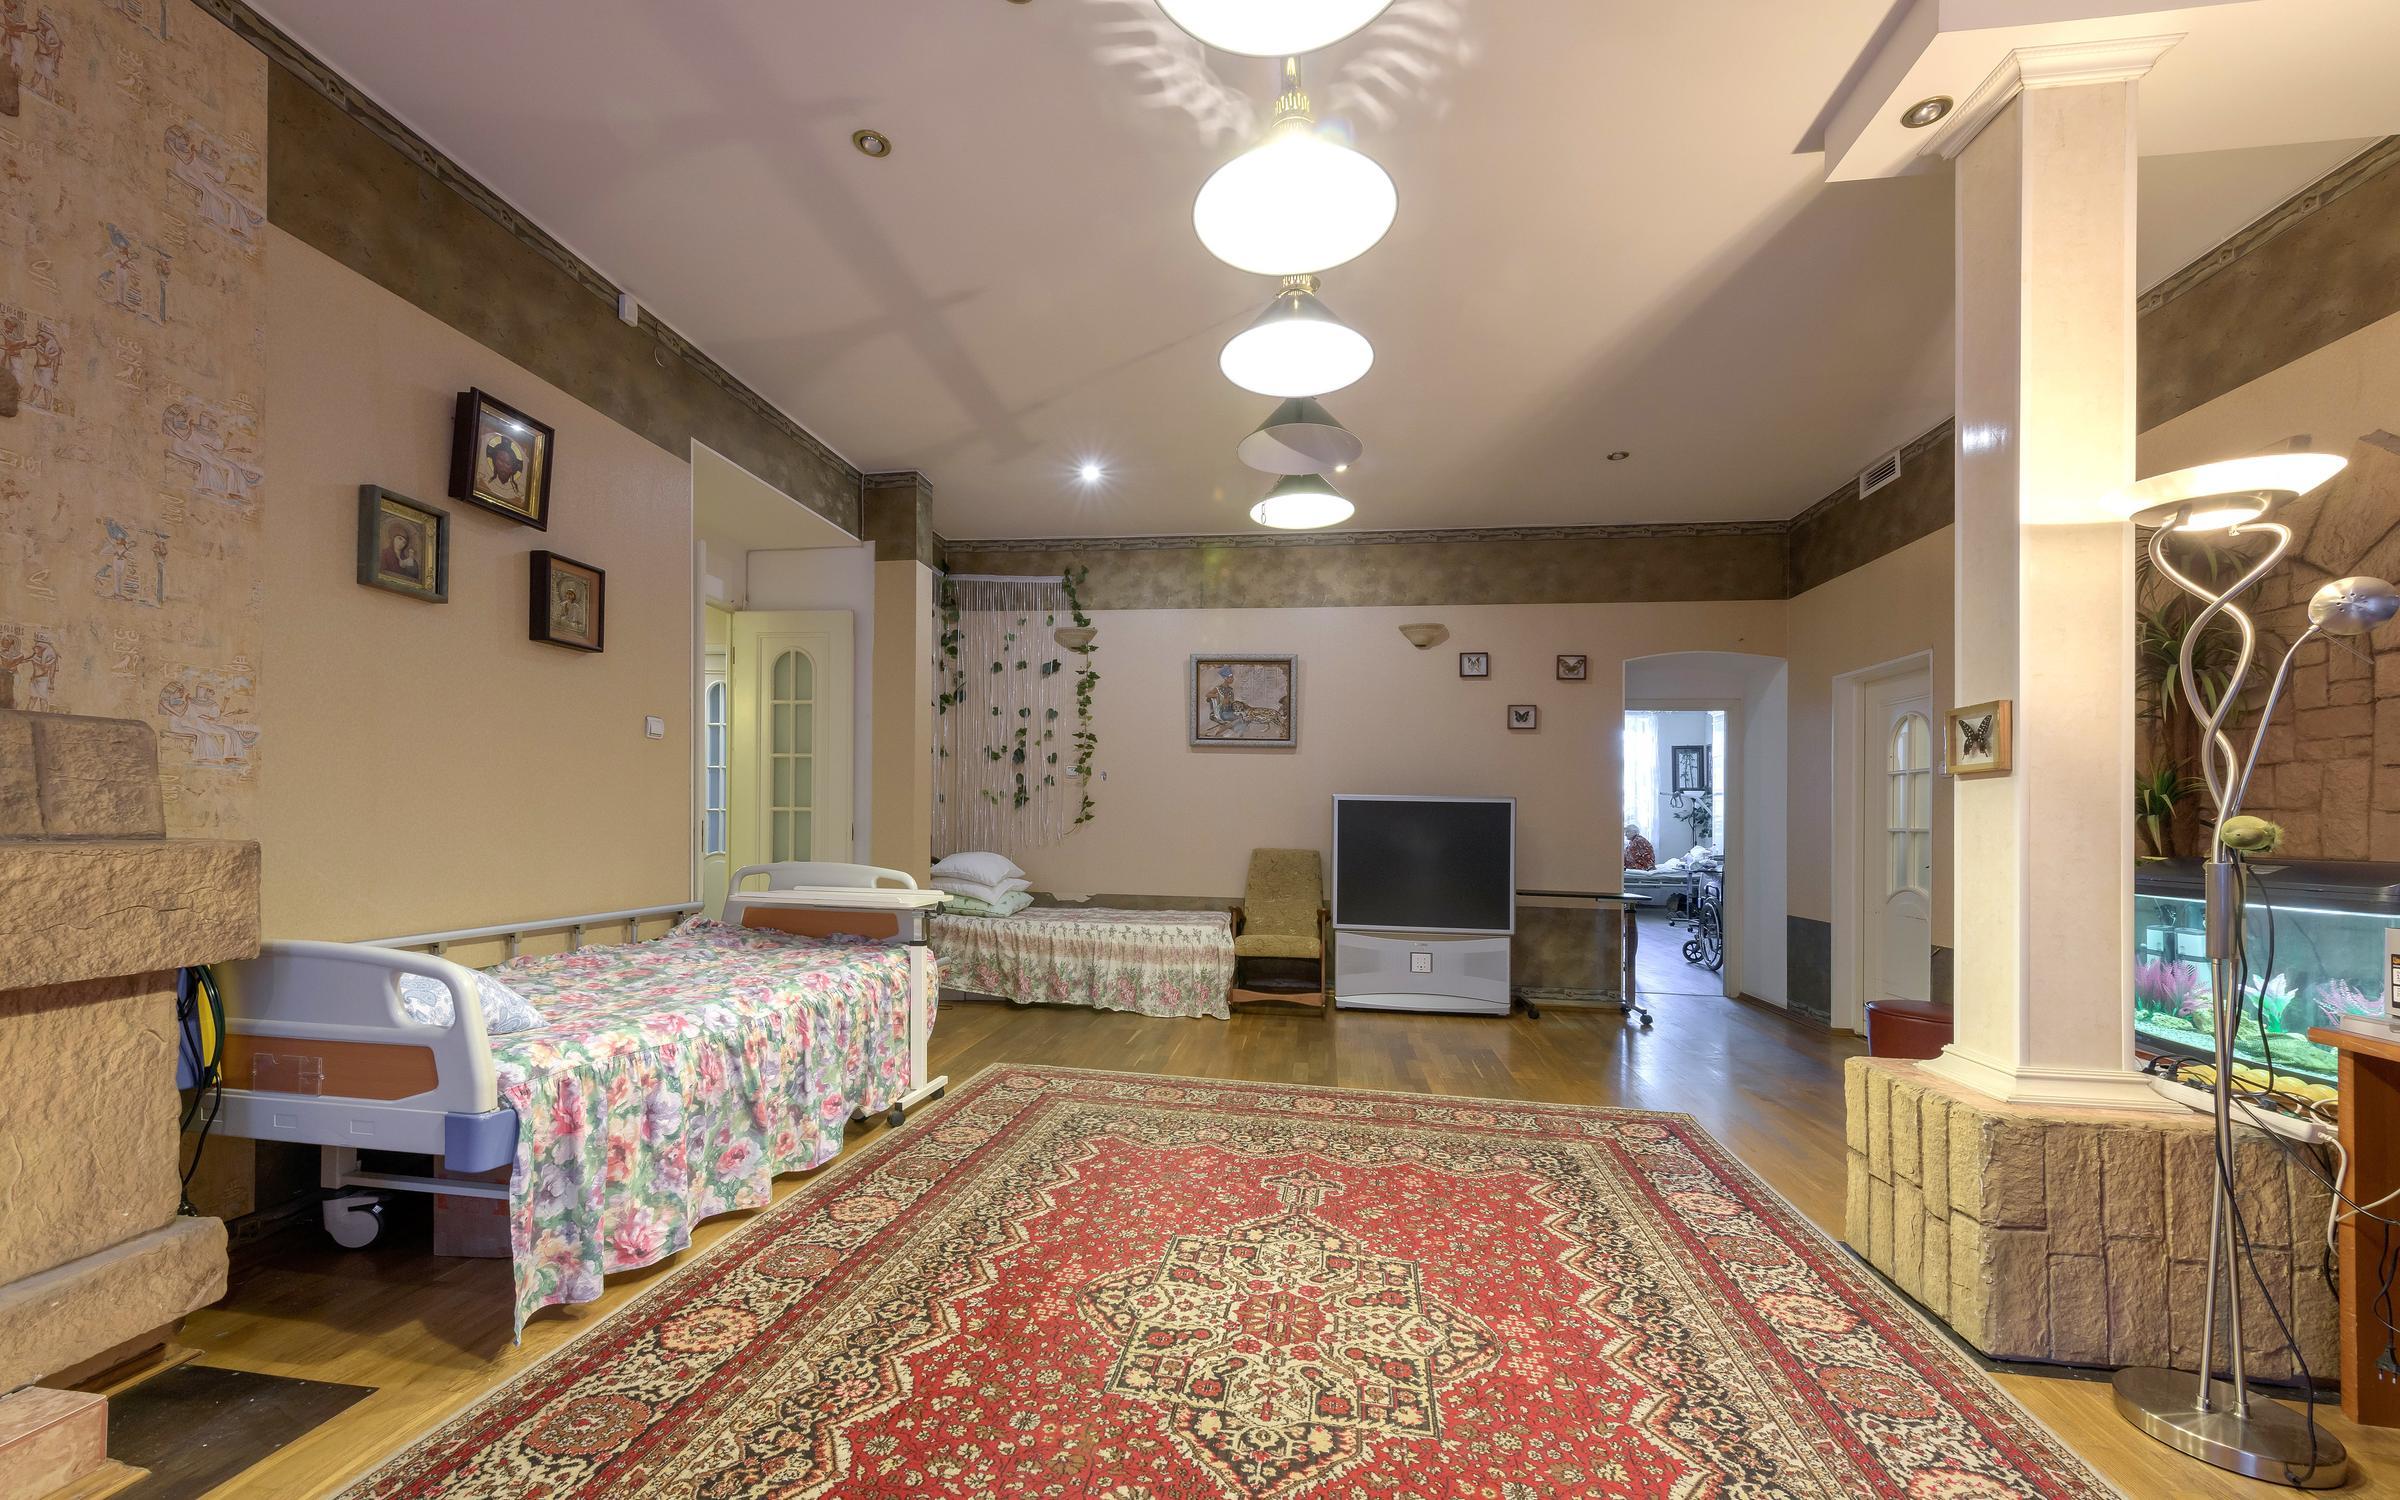 Русь дома престарелых дом совместного пребывания для пожилых